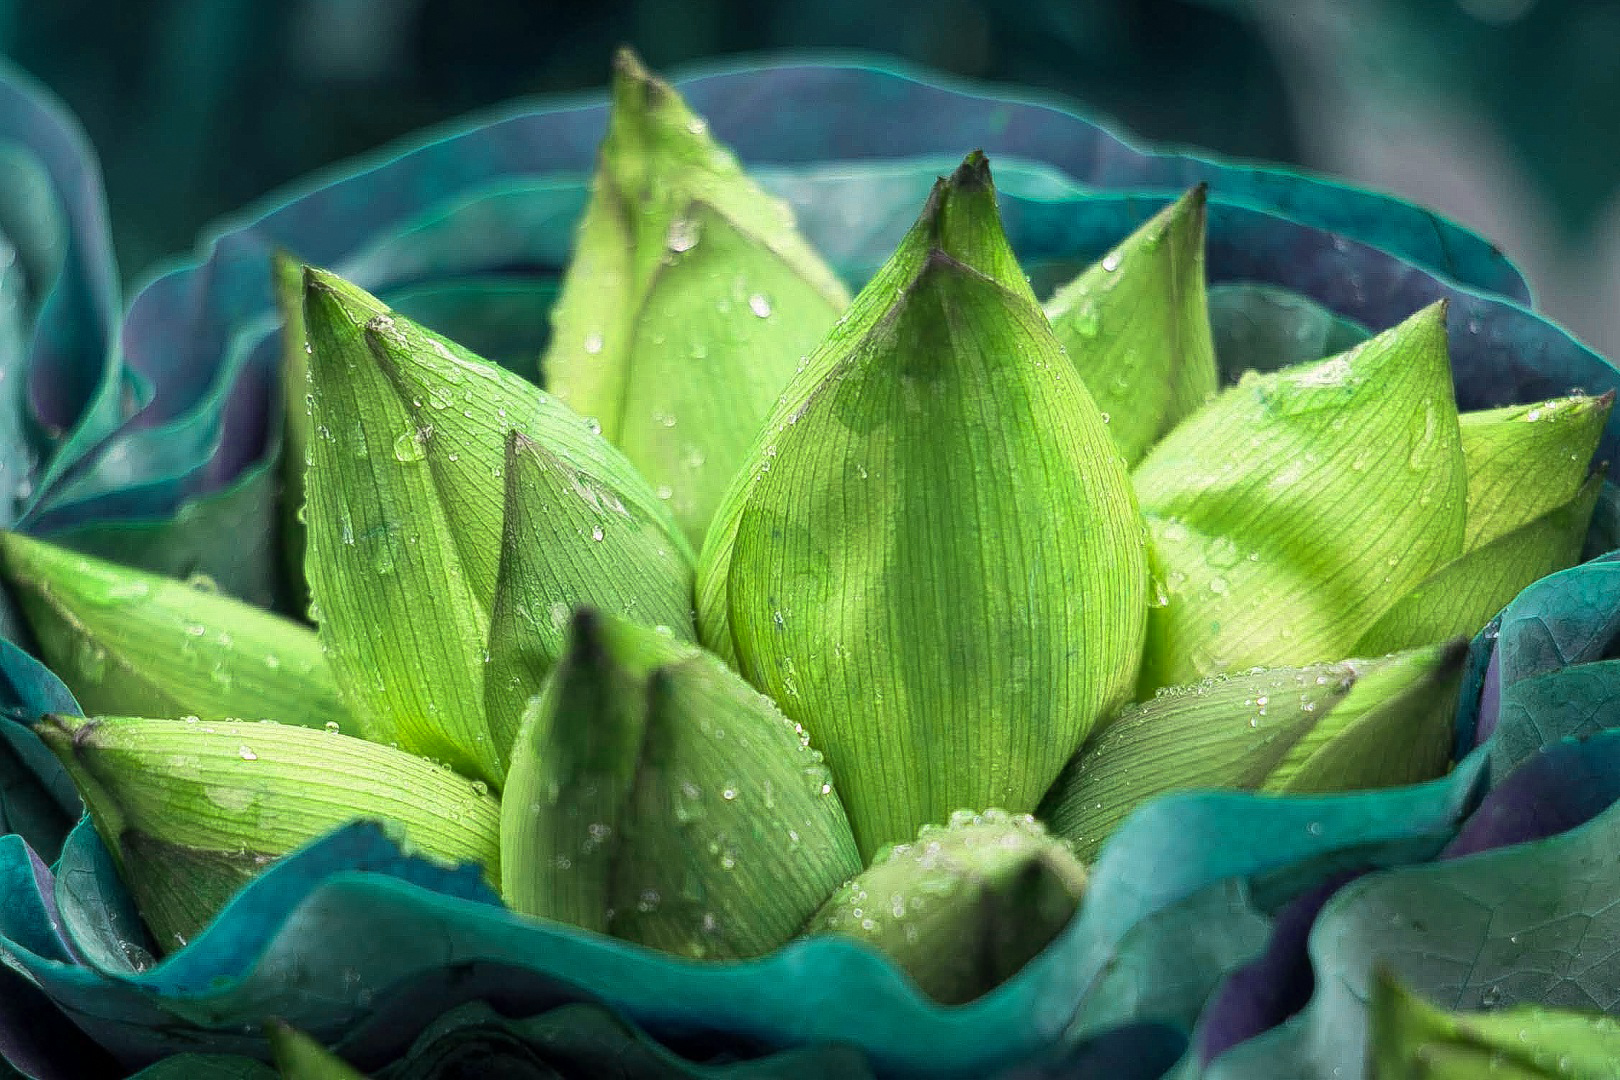 Hình ảnh hoa sen xanh lá đẹp nhất